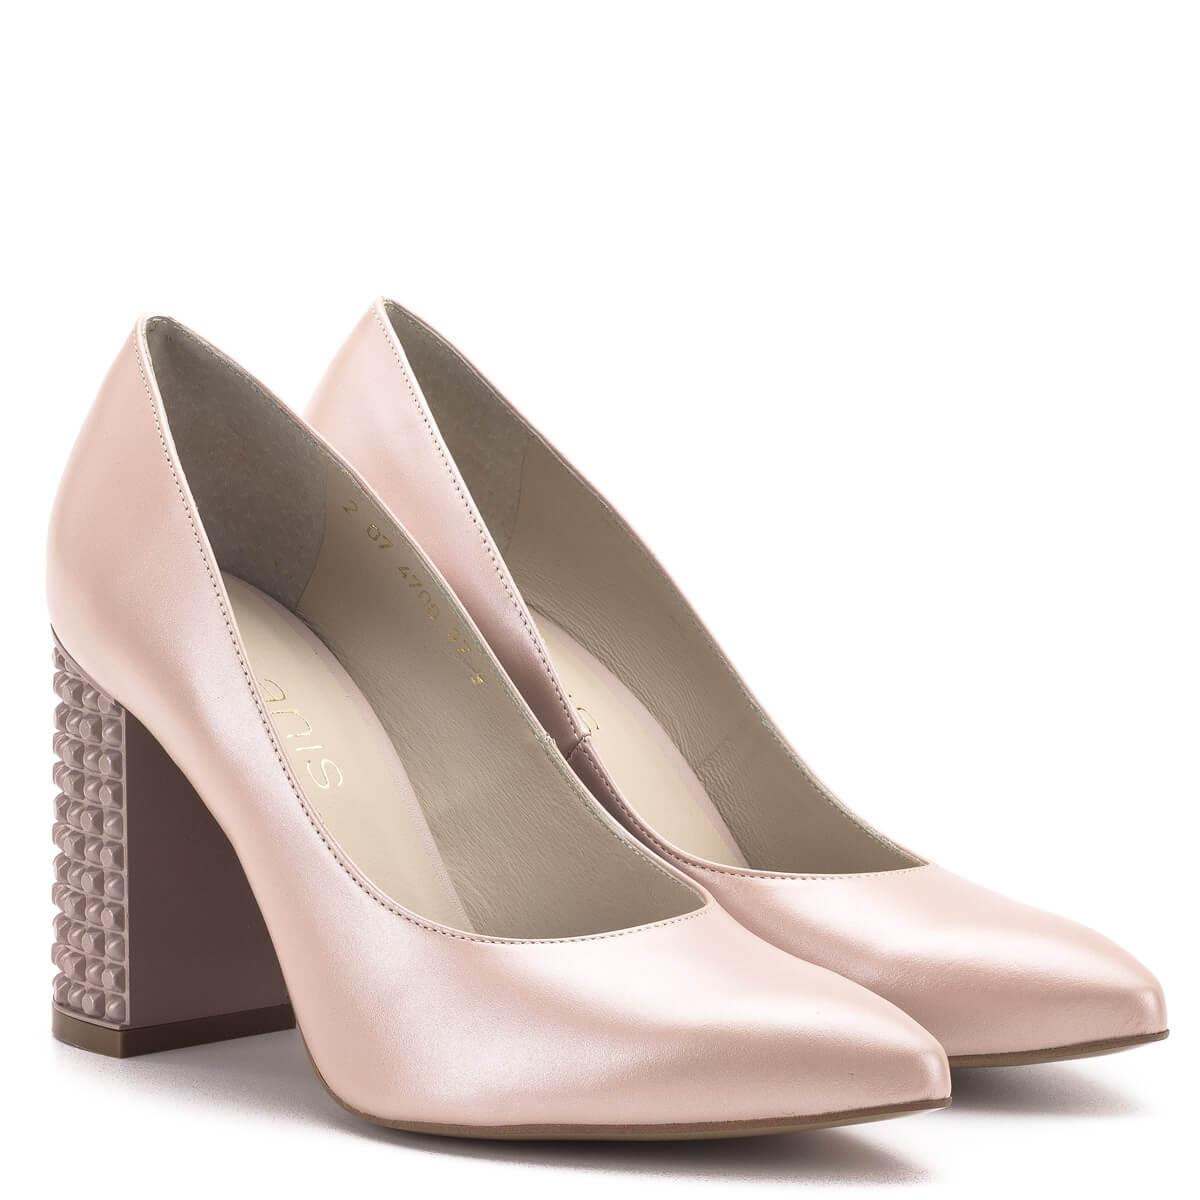 6e2a6e017d Anis cipő 9 centis sarokkal, rózsaszín színben. A cipő orra nyújtott, sarka  vastag ...